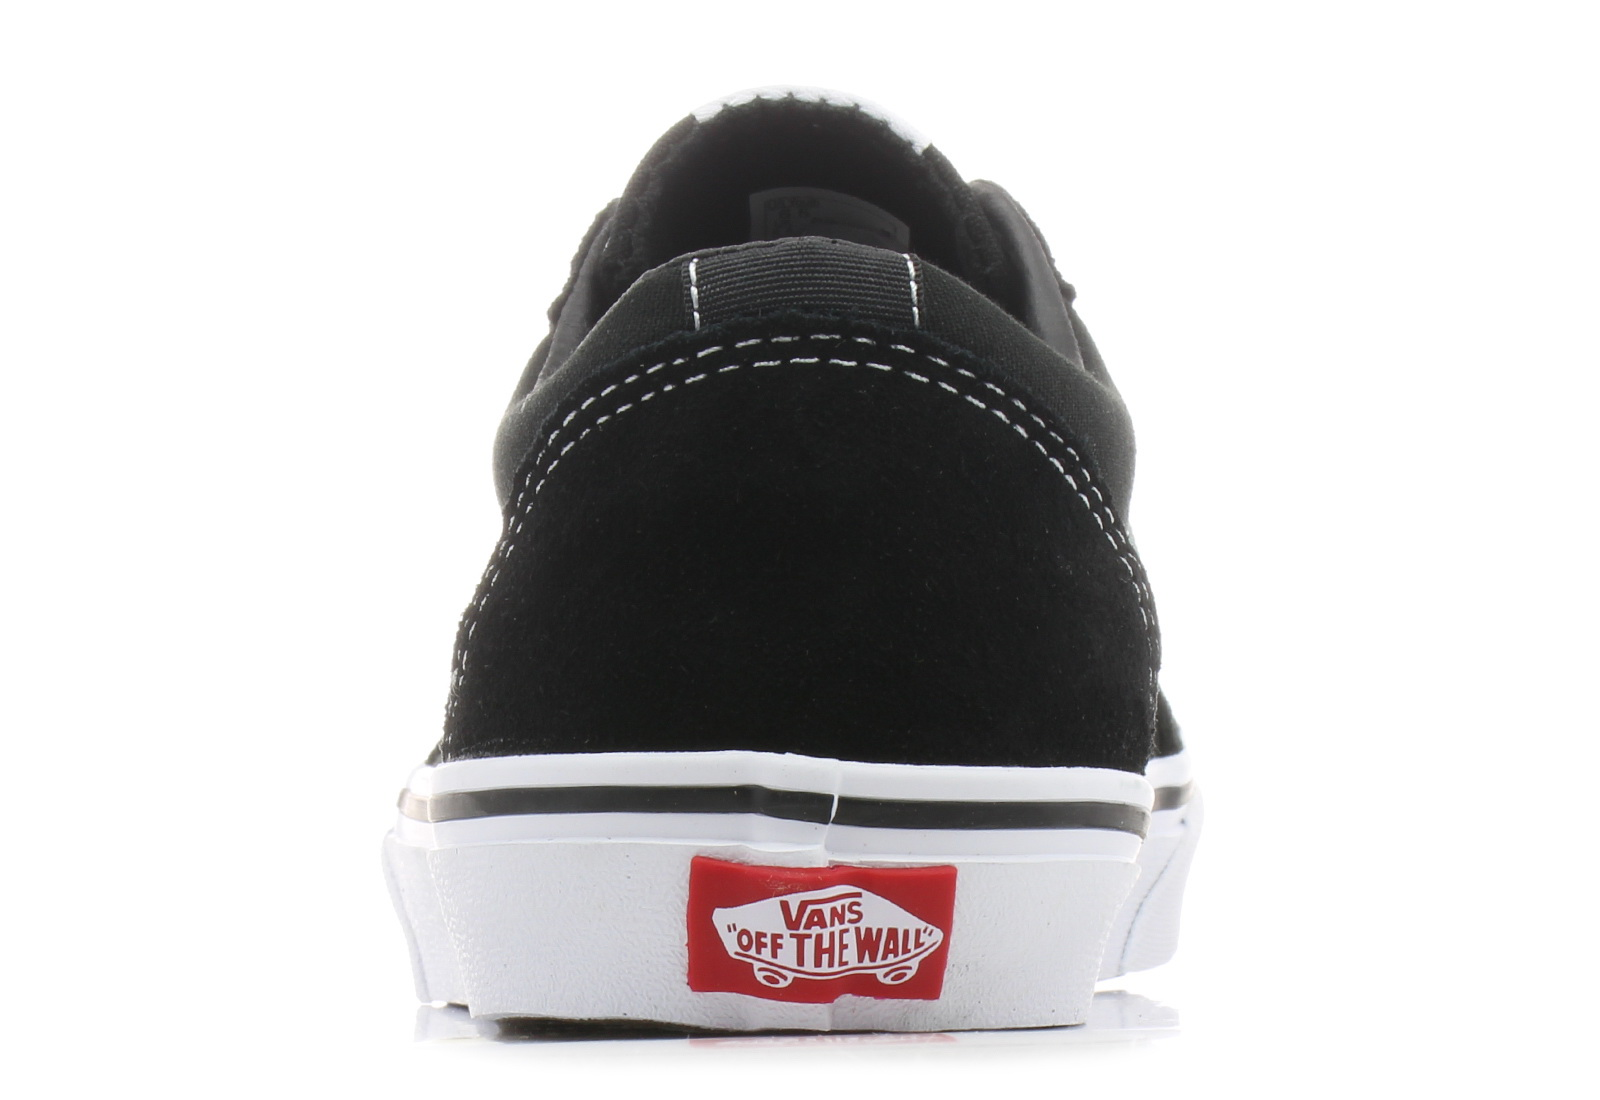 Vans Cipő - Yt Ward - VA38J9IJU - Office Shoes Magyarország 750063d401